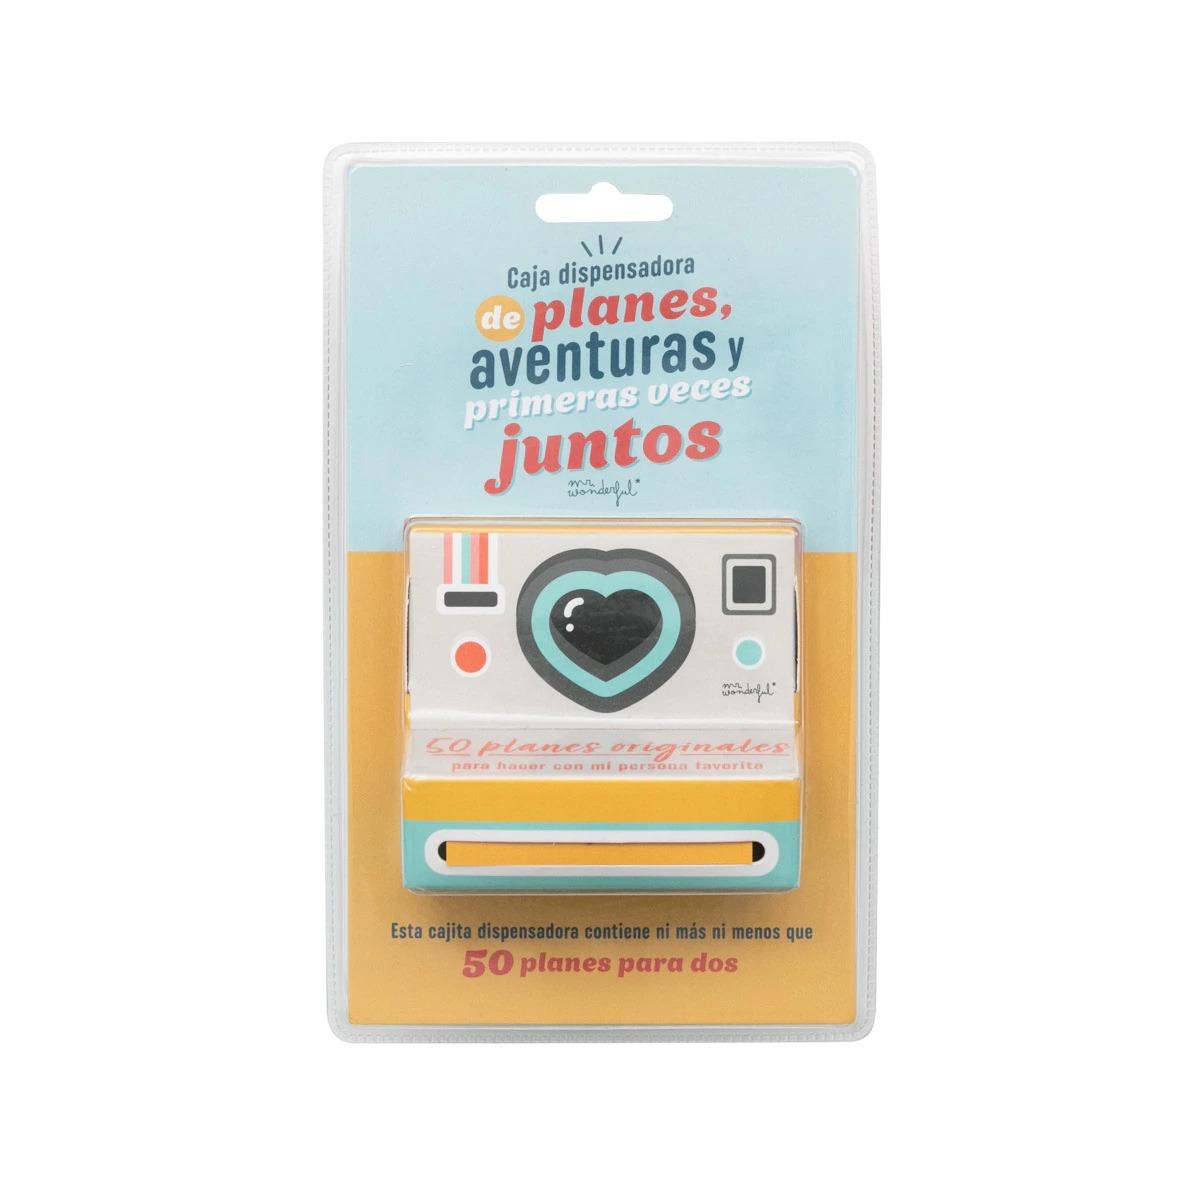 Caja Dispensadora de Planes, Aventuras y Primeras Veces Juntos, Todos ellos con Mensaje Mr. Wonderful